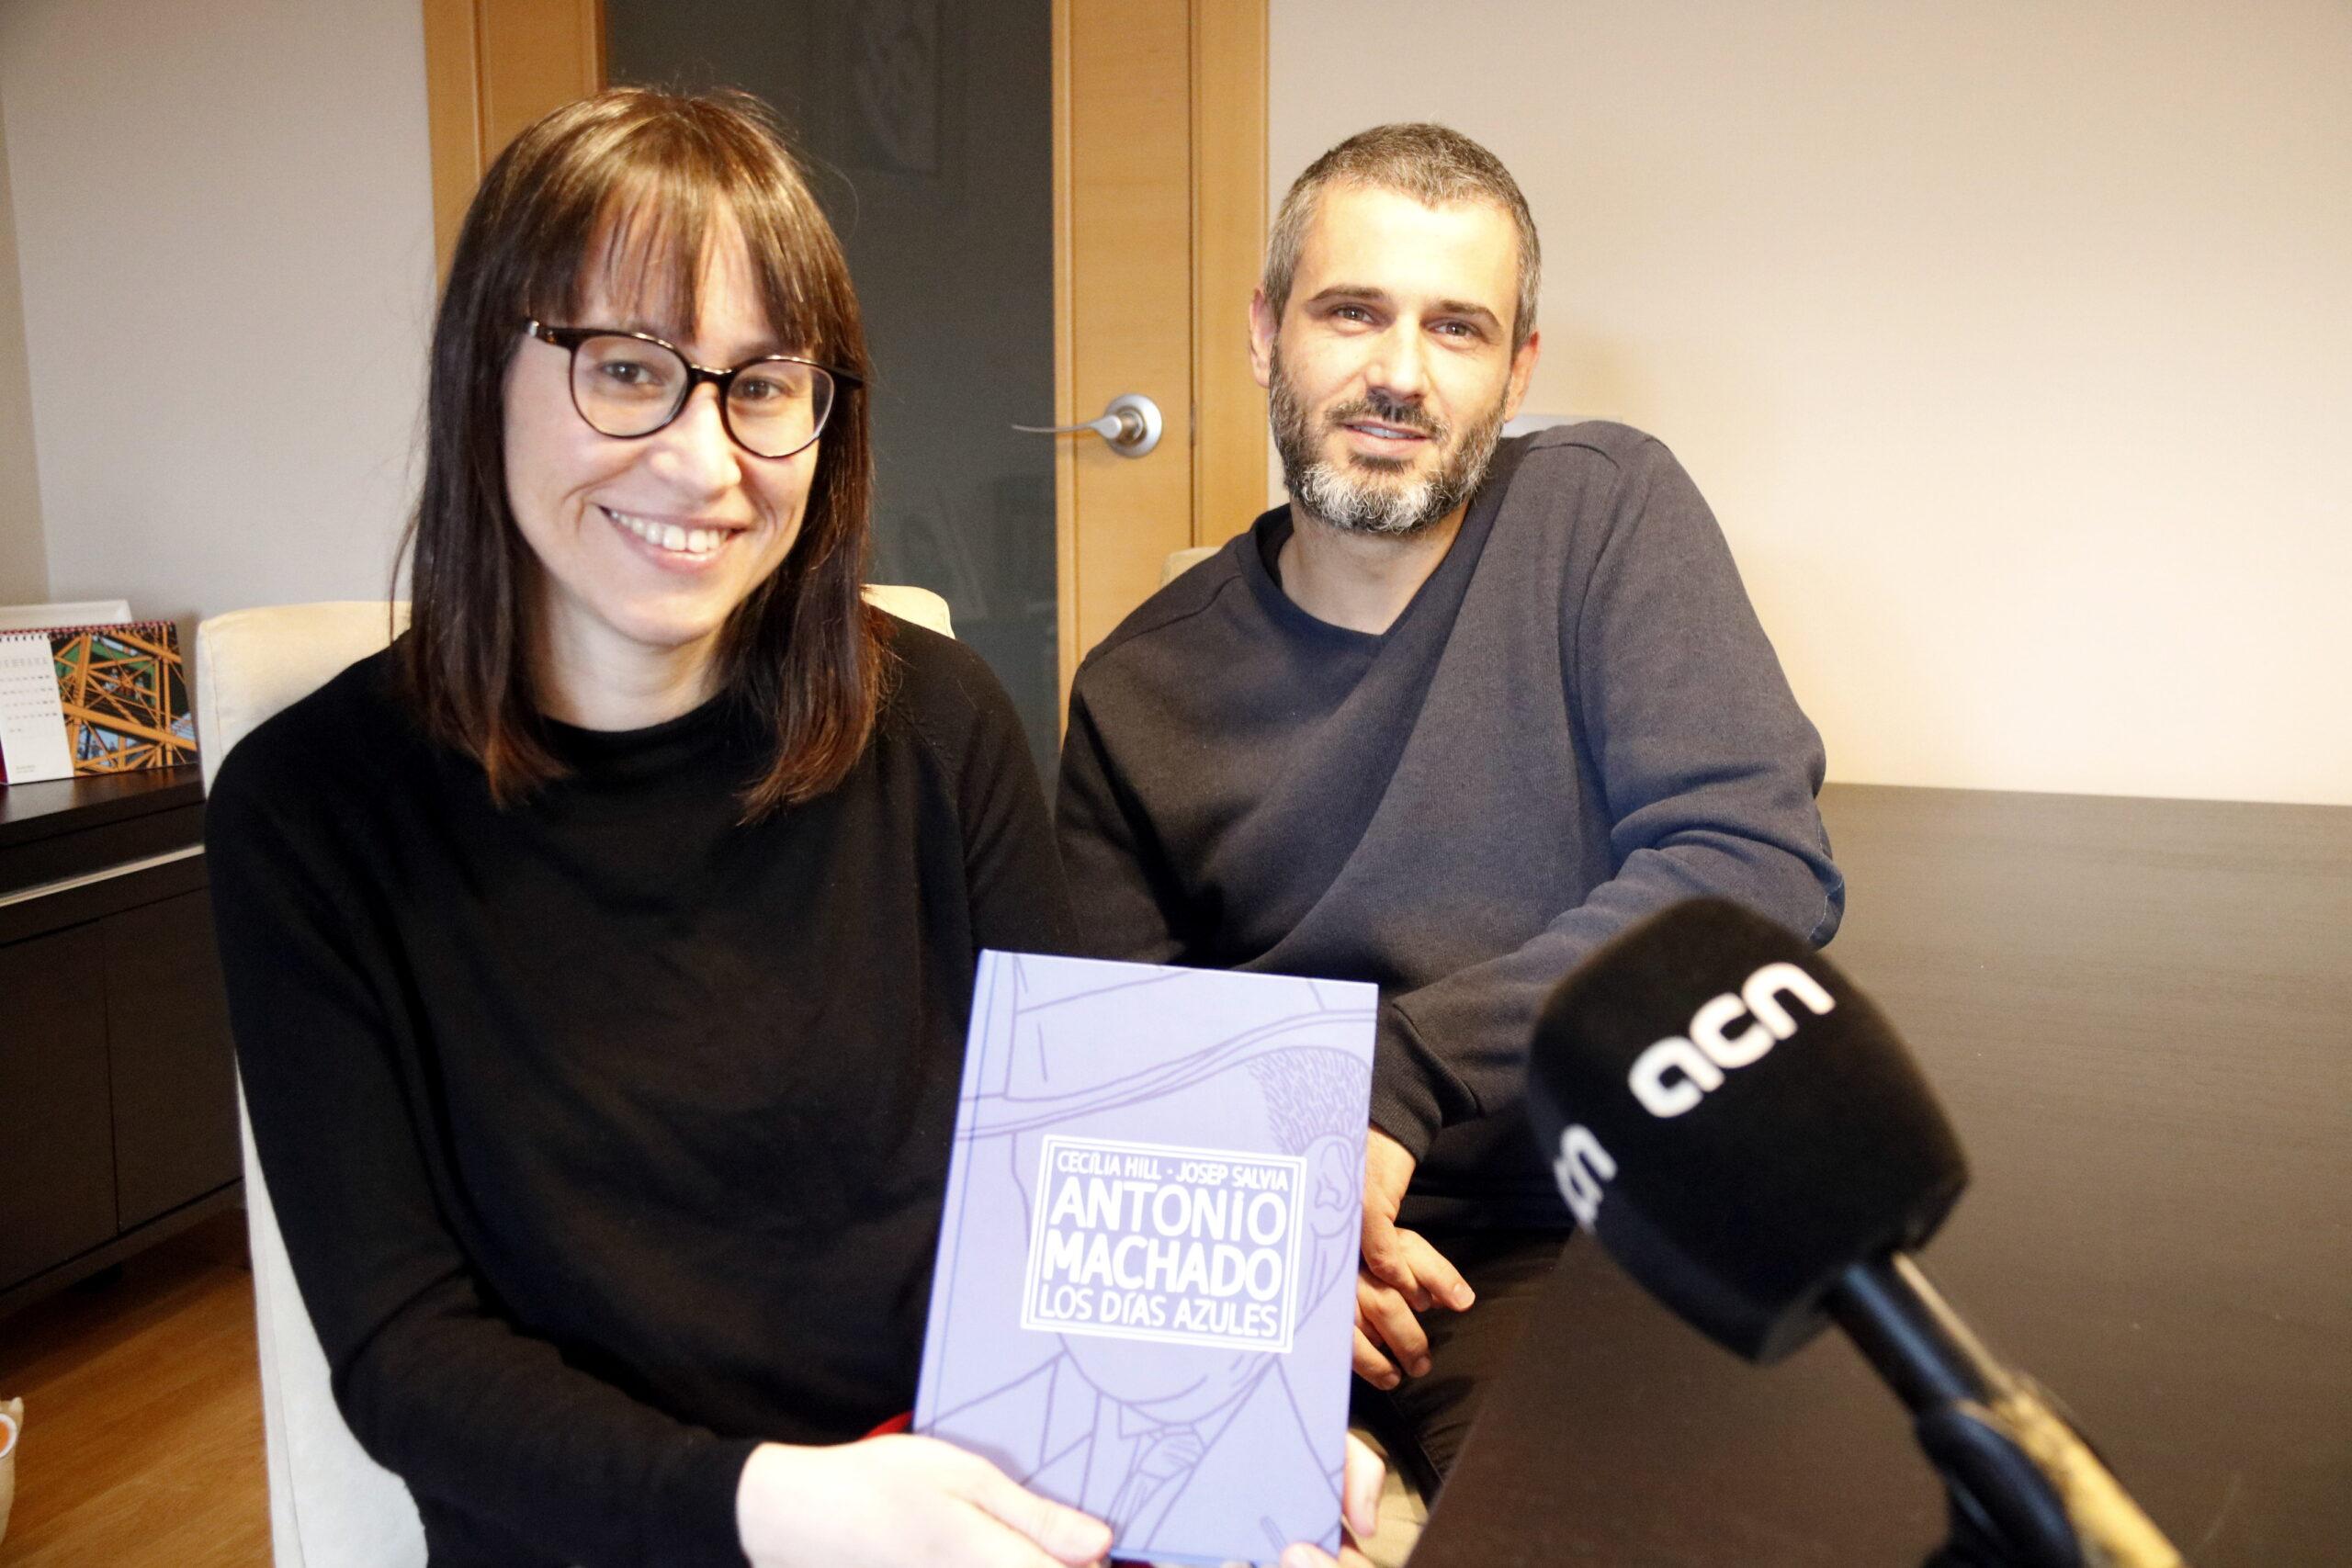 Pla mitjà on es poden veure Cecília Hill i Josep Salvia, autors del còmic del tres darrers anys de la vida d'Antonio Machado, l'11 d'abril de 2019.